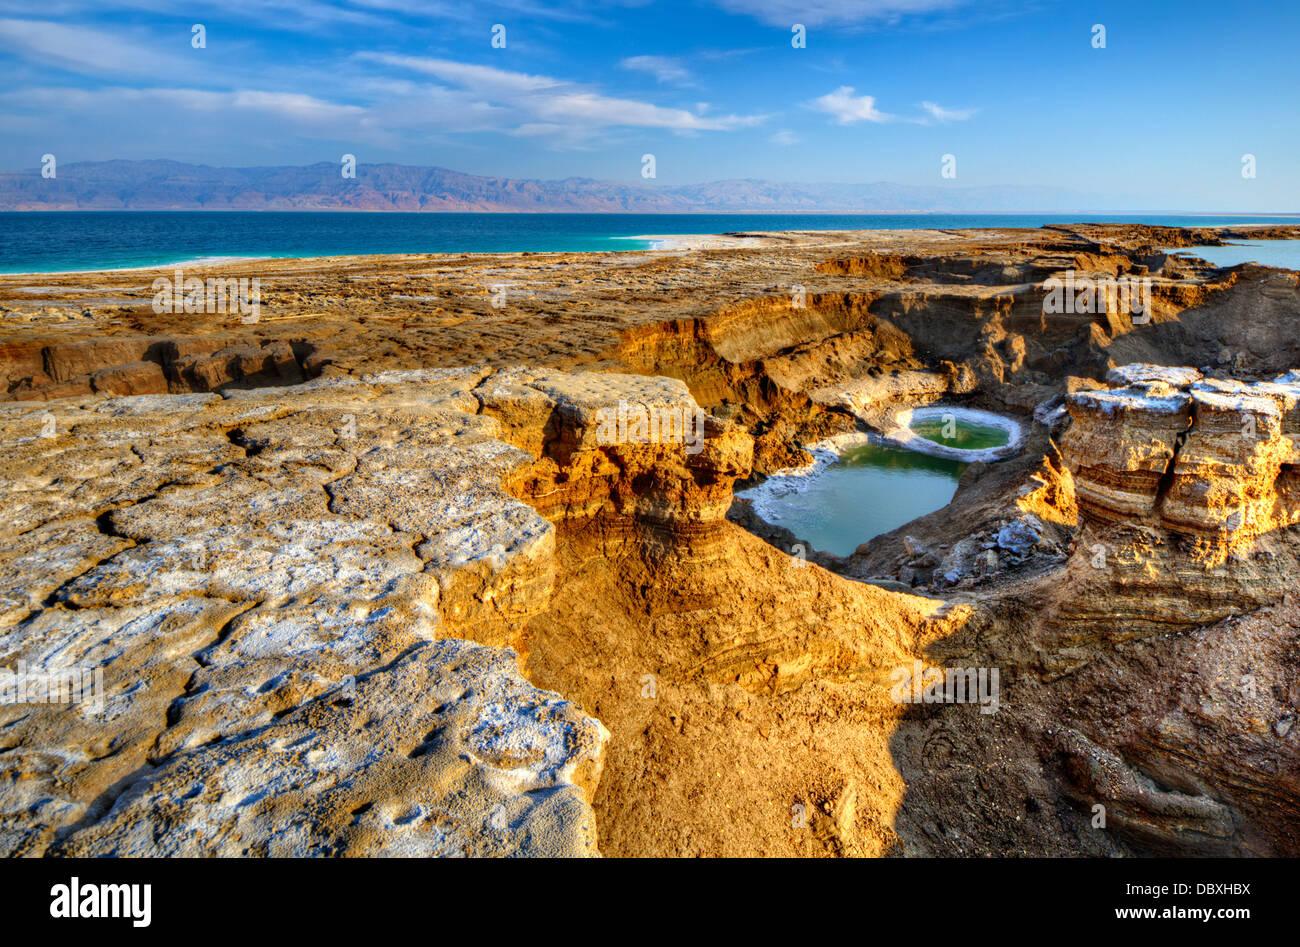 Gouffres près de la Mer Morte à Ein Gedi, Israël. Photo Stock